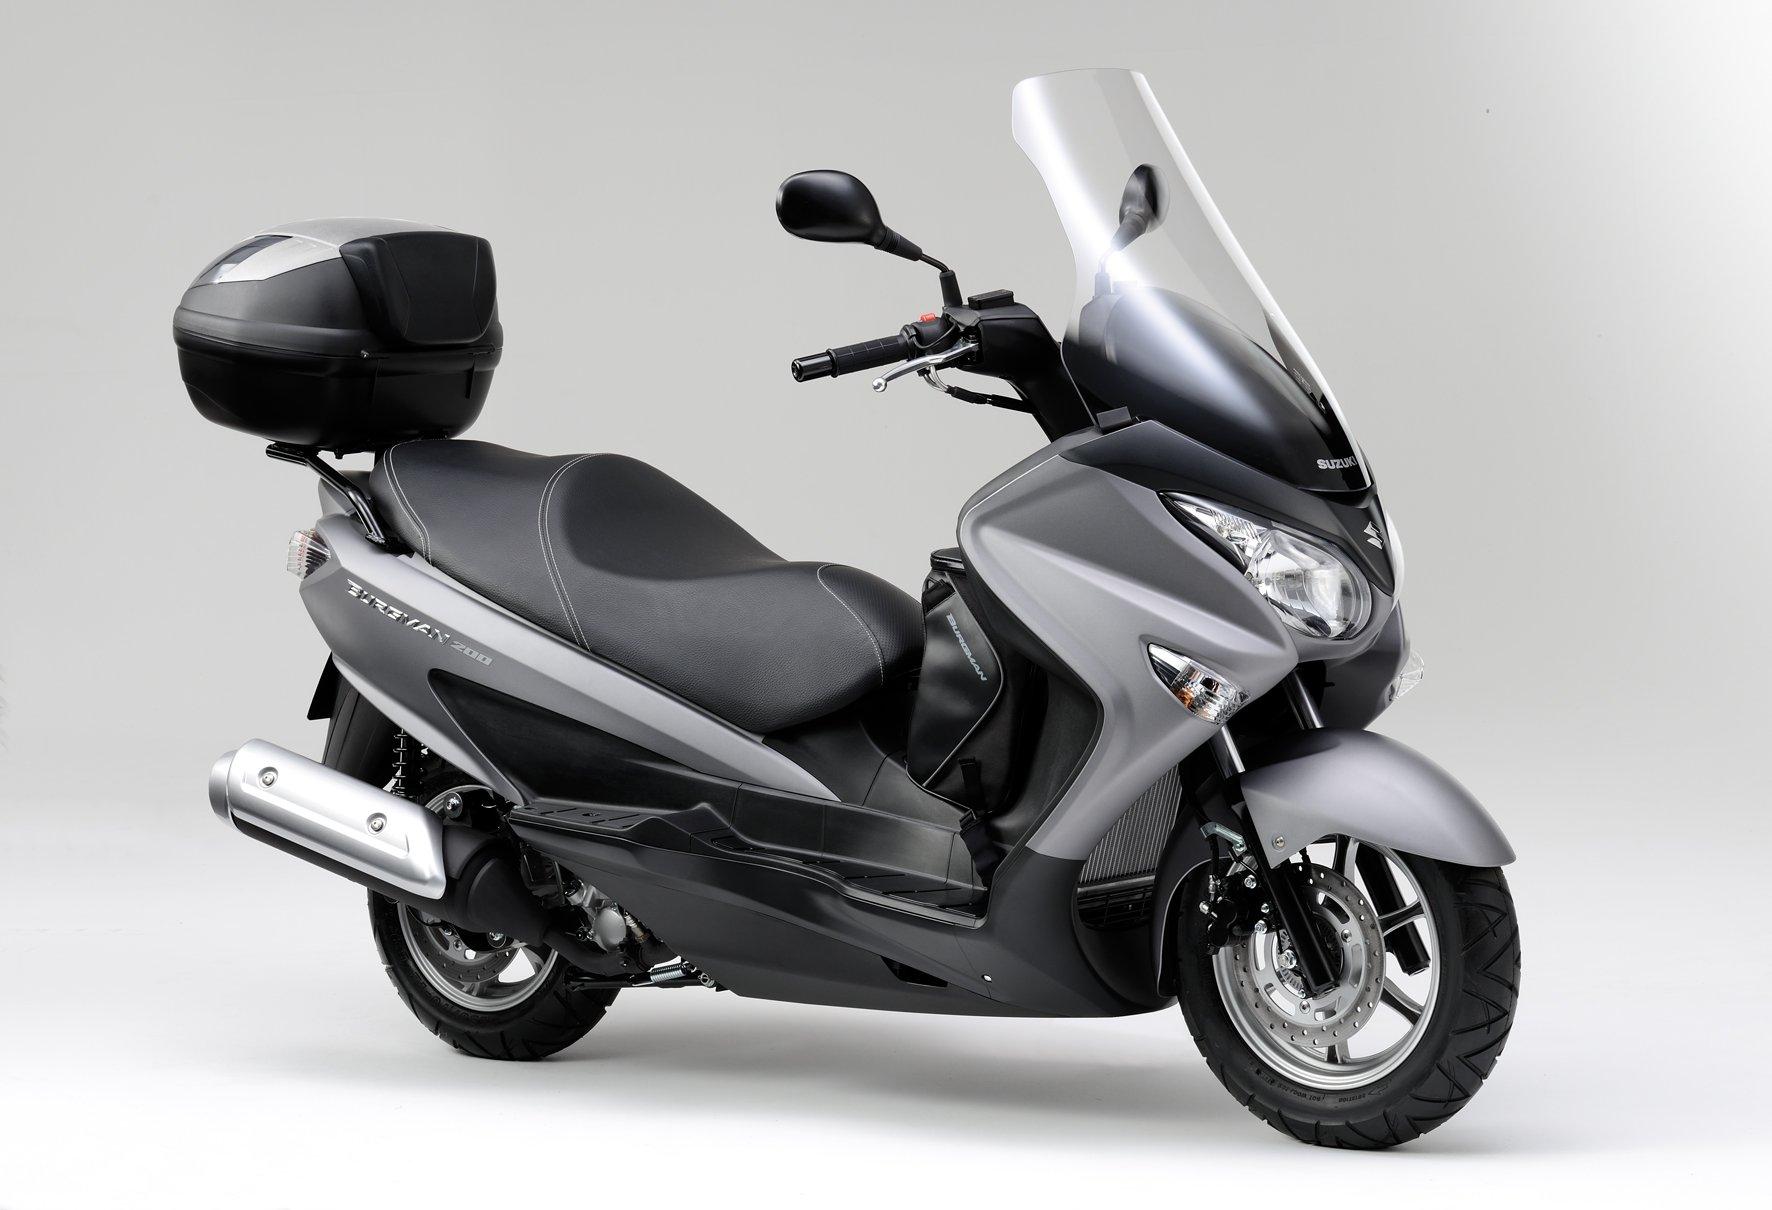 Gebrauchte und neue Suzuki Burgman 200 Motorräder kaufen | 1772 x 1210 jpeg 202kB